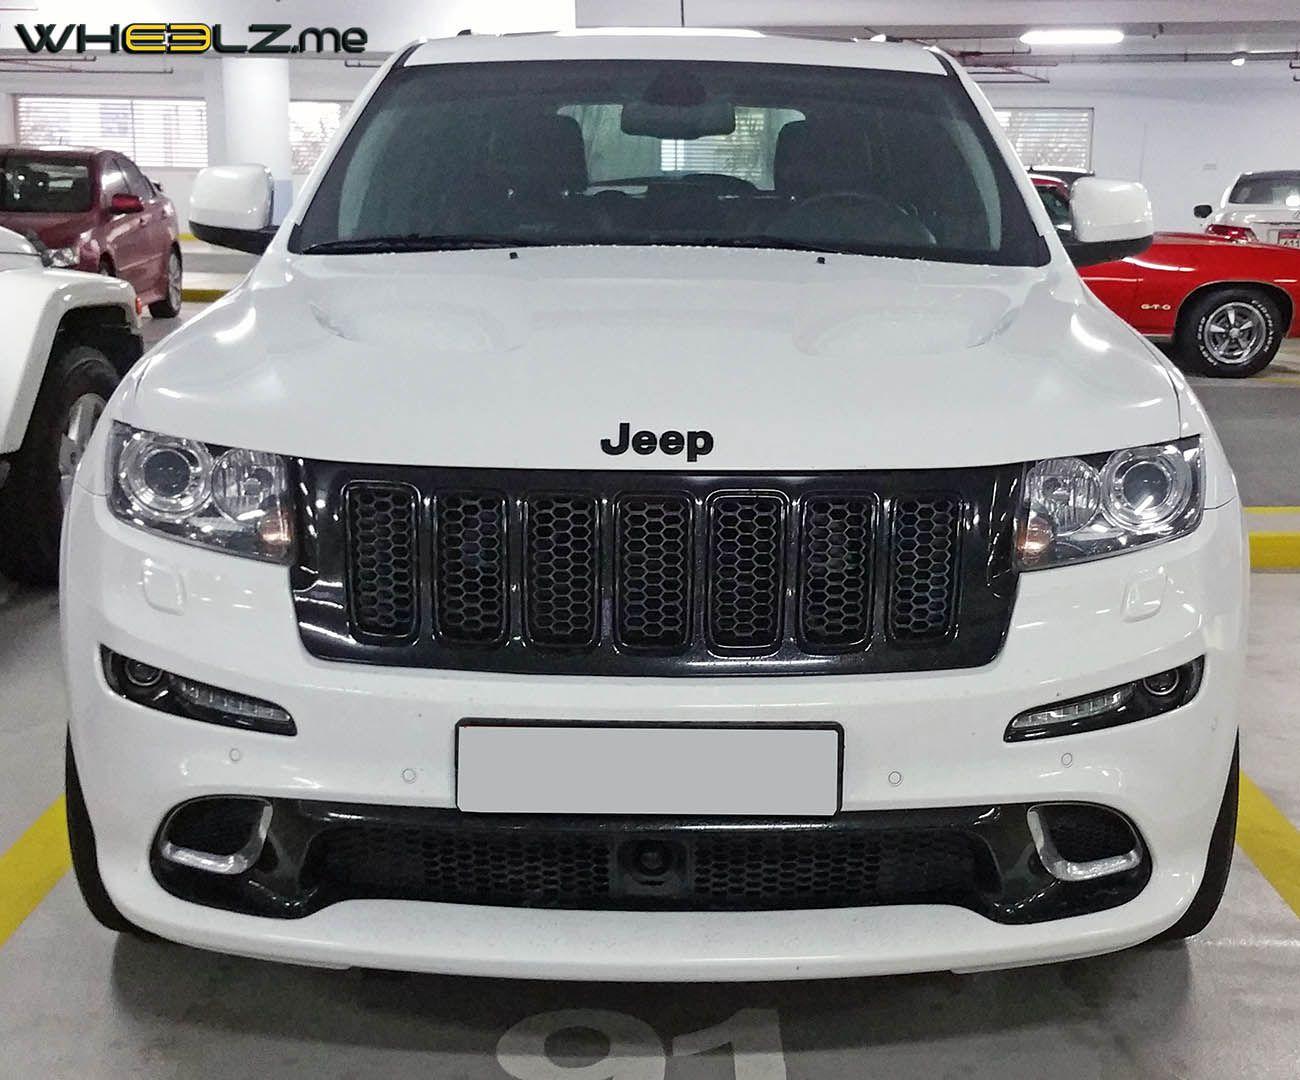 جيب غراند شيروكي أس آر تي تحسينات جديدة على طراز القمة موقع ويلز Jeep Grand Cherokee Srt Jeep Srt8 Jeep